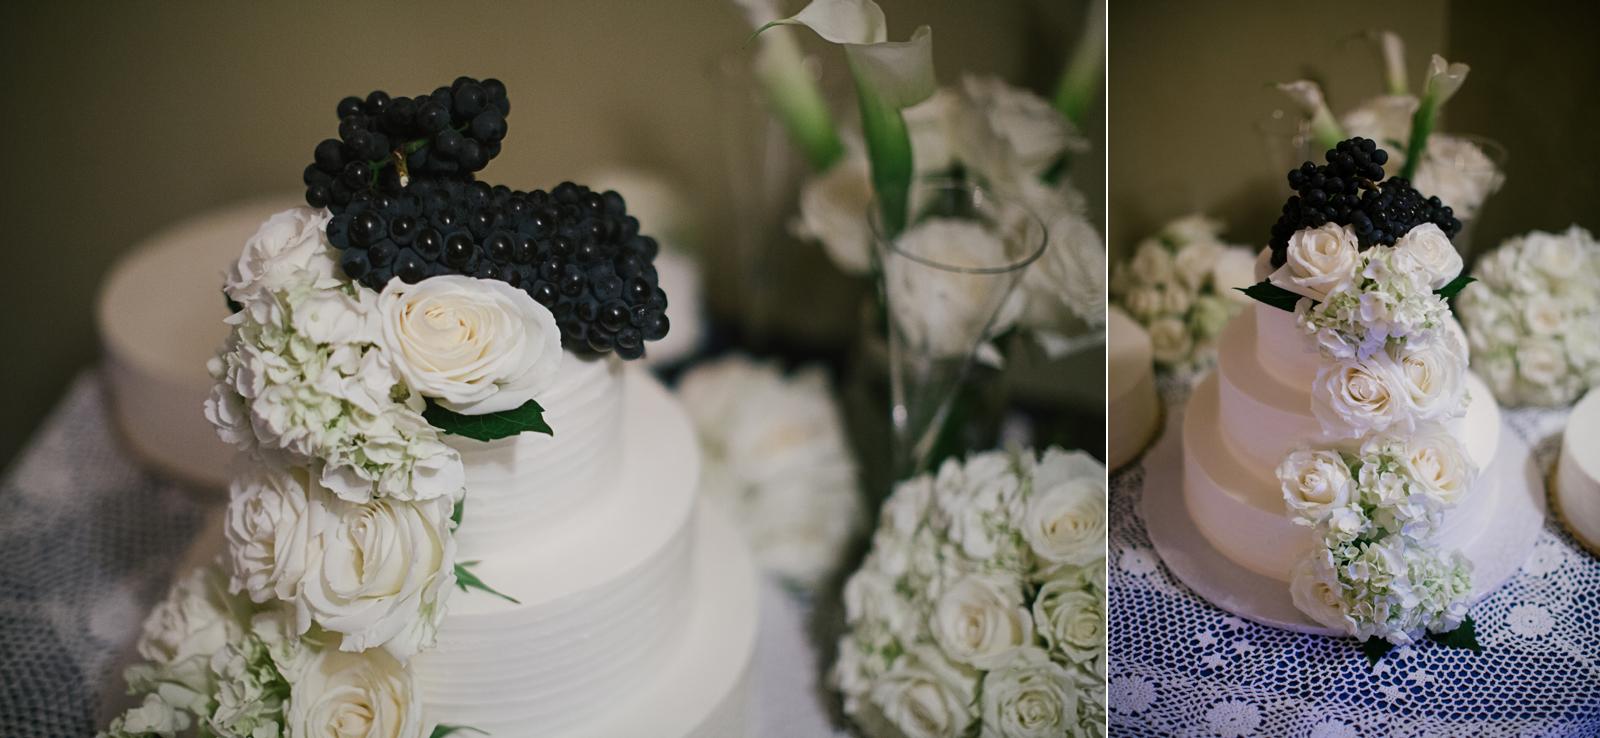 069-daronjackson-rich-wedding.jpg